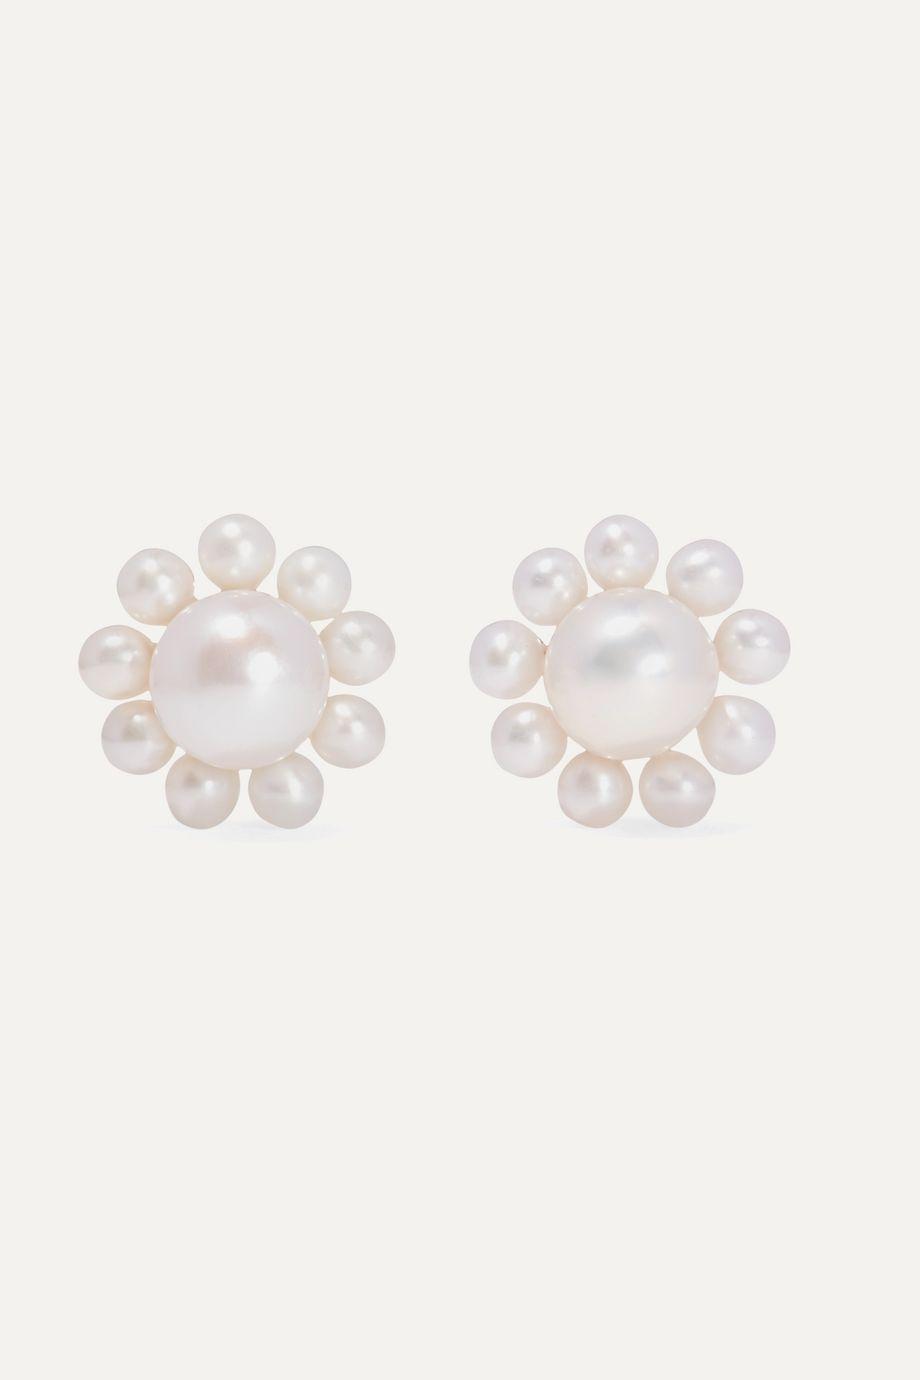 Sophie Bille Brahe + Cecilie Bahnsen Poppy 14-karat gold pearl earrings